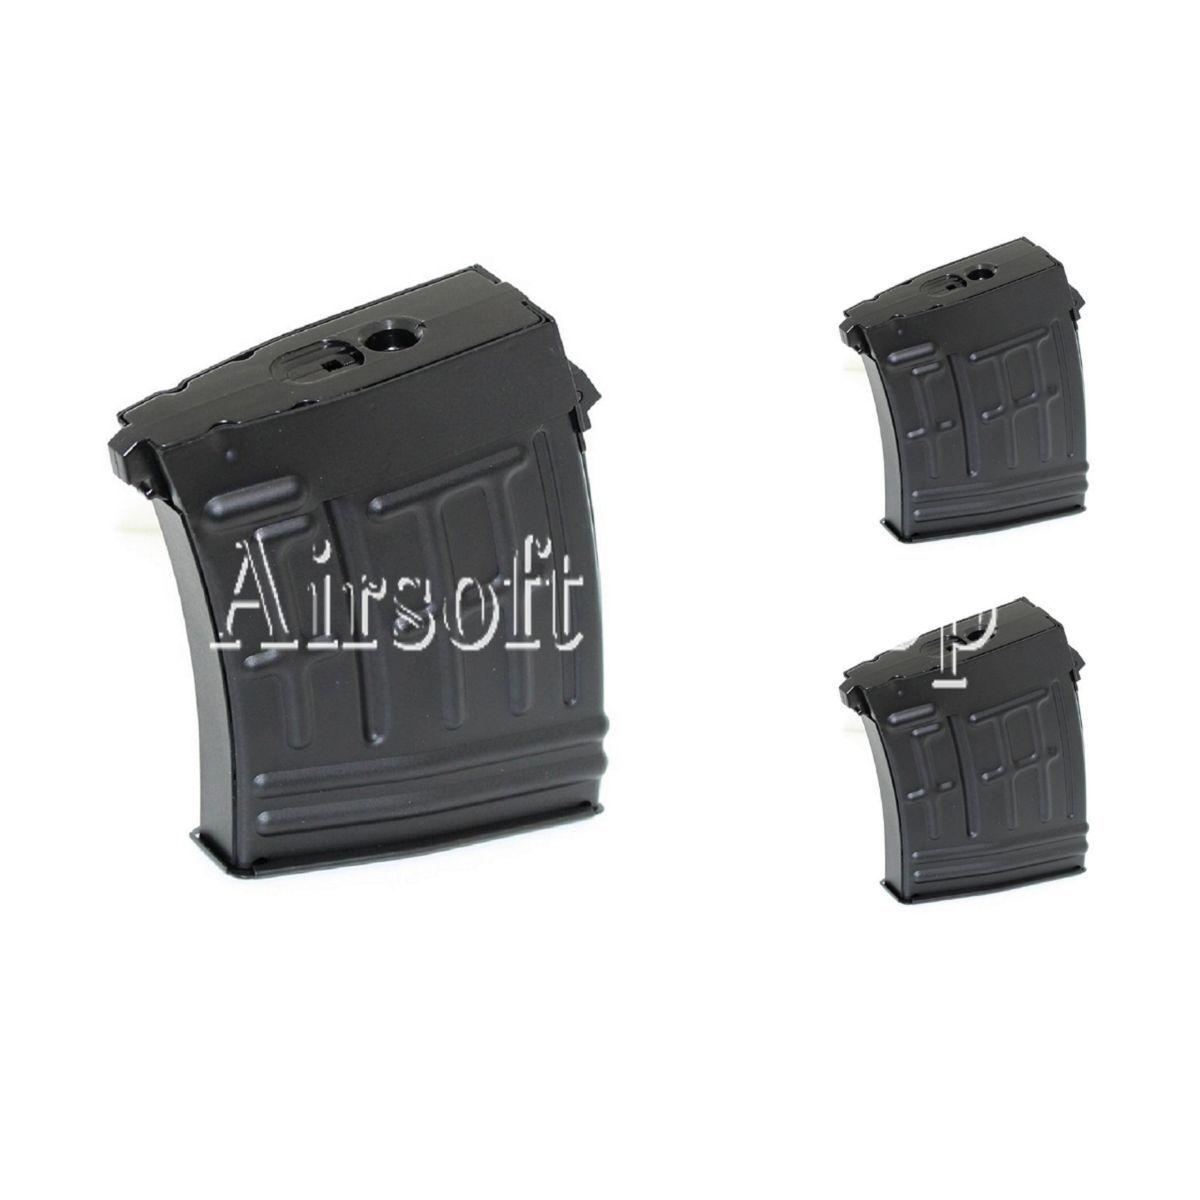 Airsoft CYMA 3pcs 3pcs 3pcs 80rd Metal Mag Mid-Cap Magazine For RS CYMA SVD Sniper 21ca18